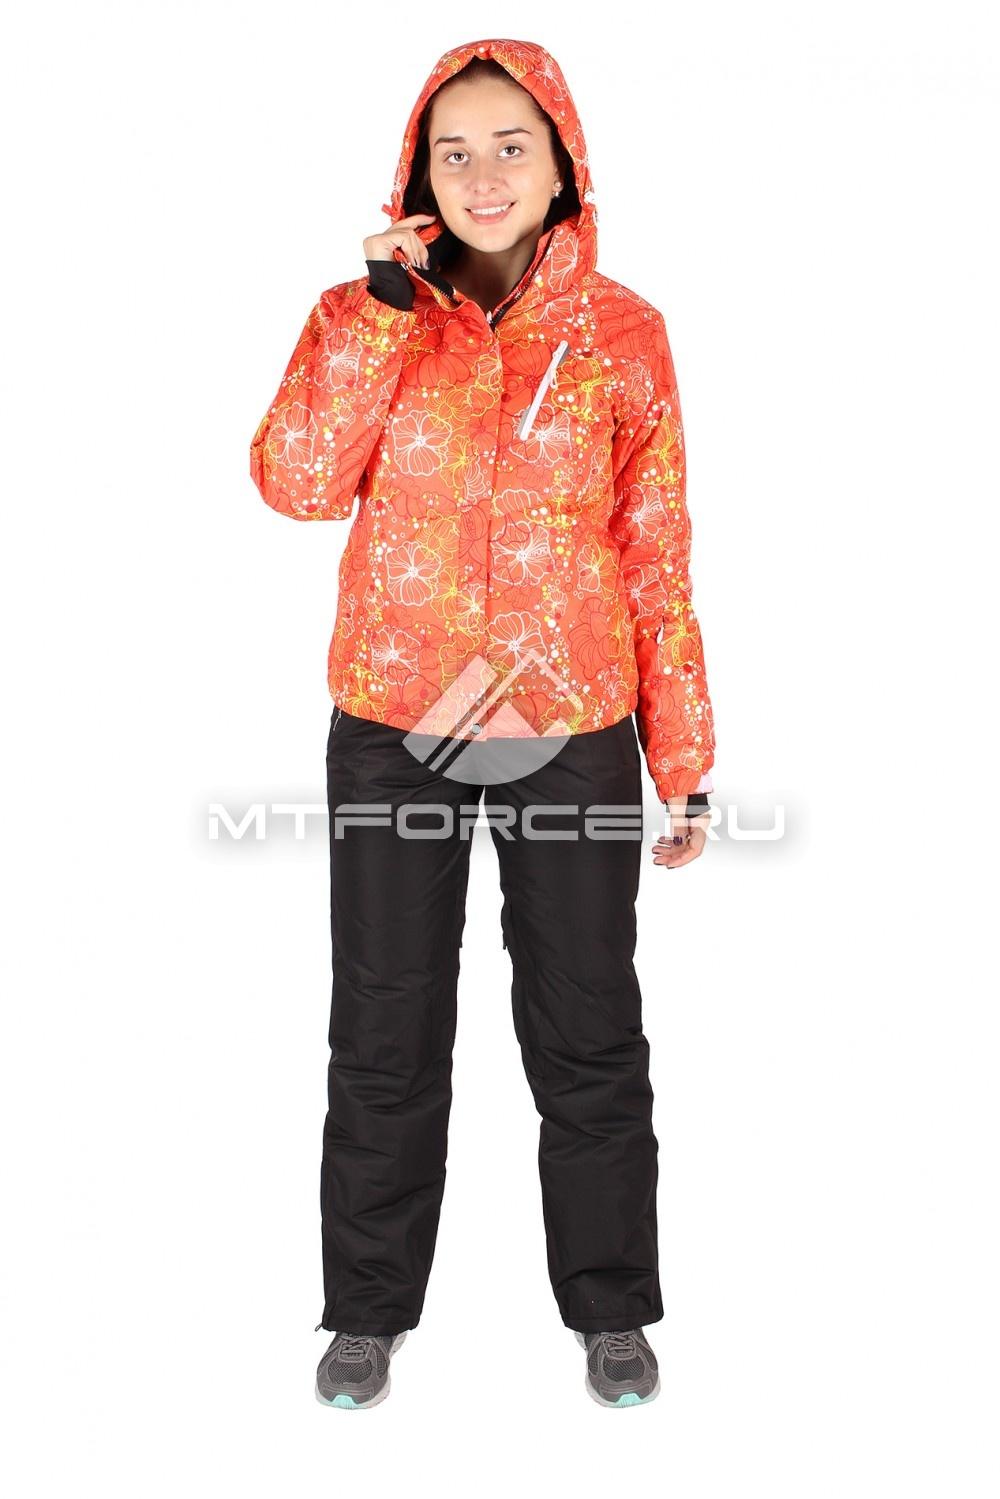 Купить оптом Костюм горнолыжный женский оранжевого цвета 078O